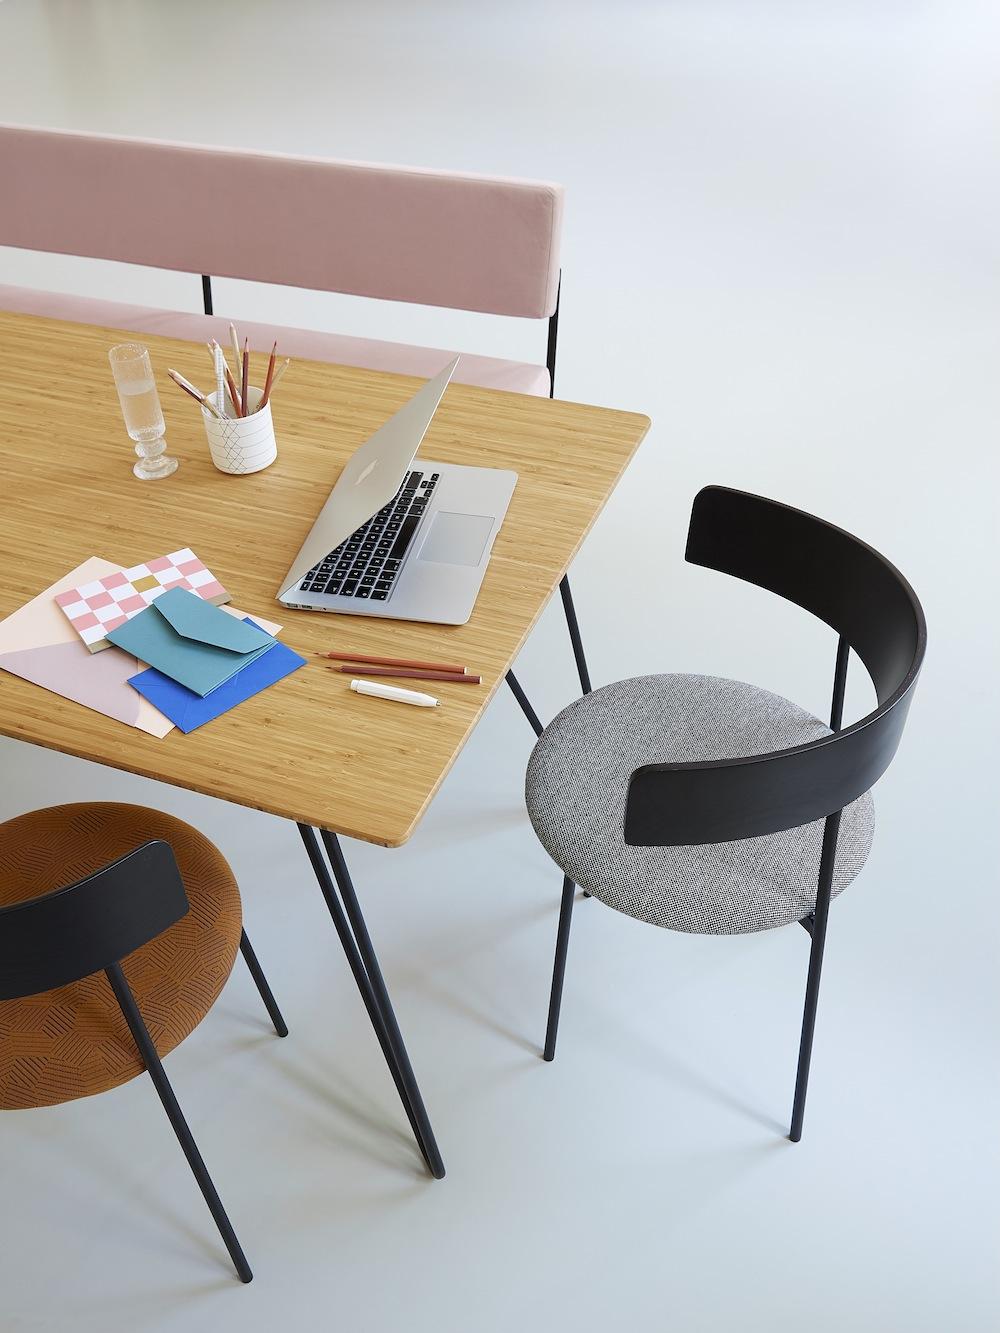 fest amsterdam m bel design k ln. Black Bedroom Furniture Sets. Home Design Ideas